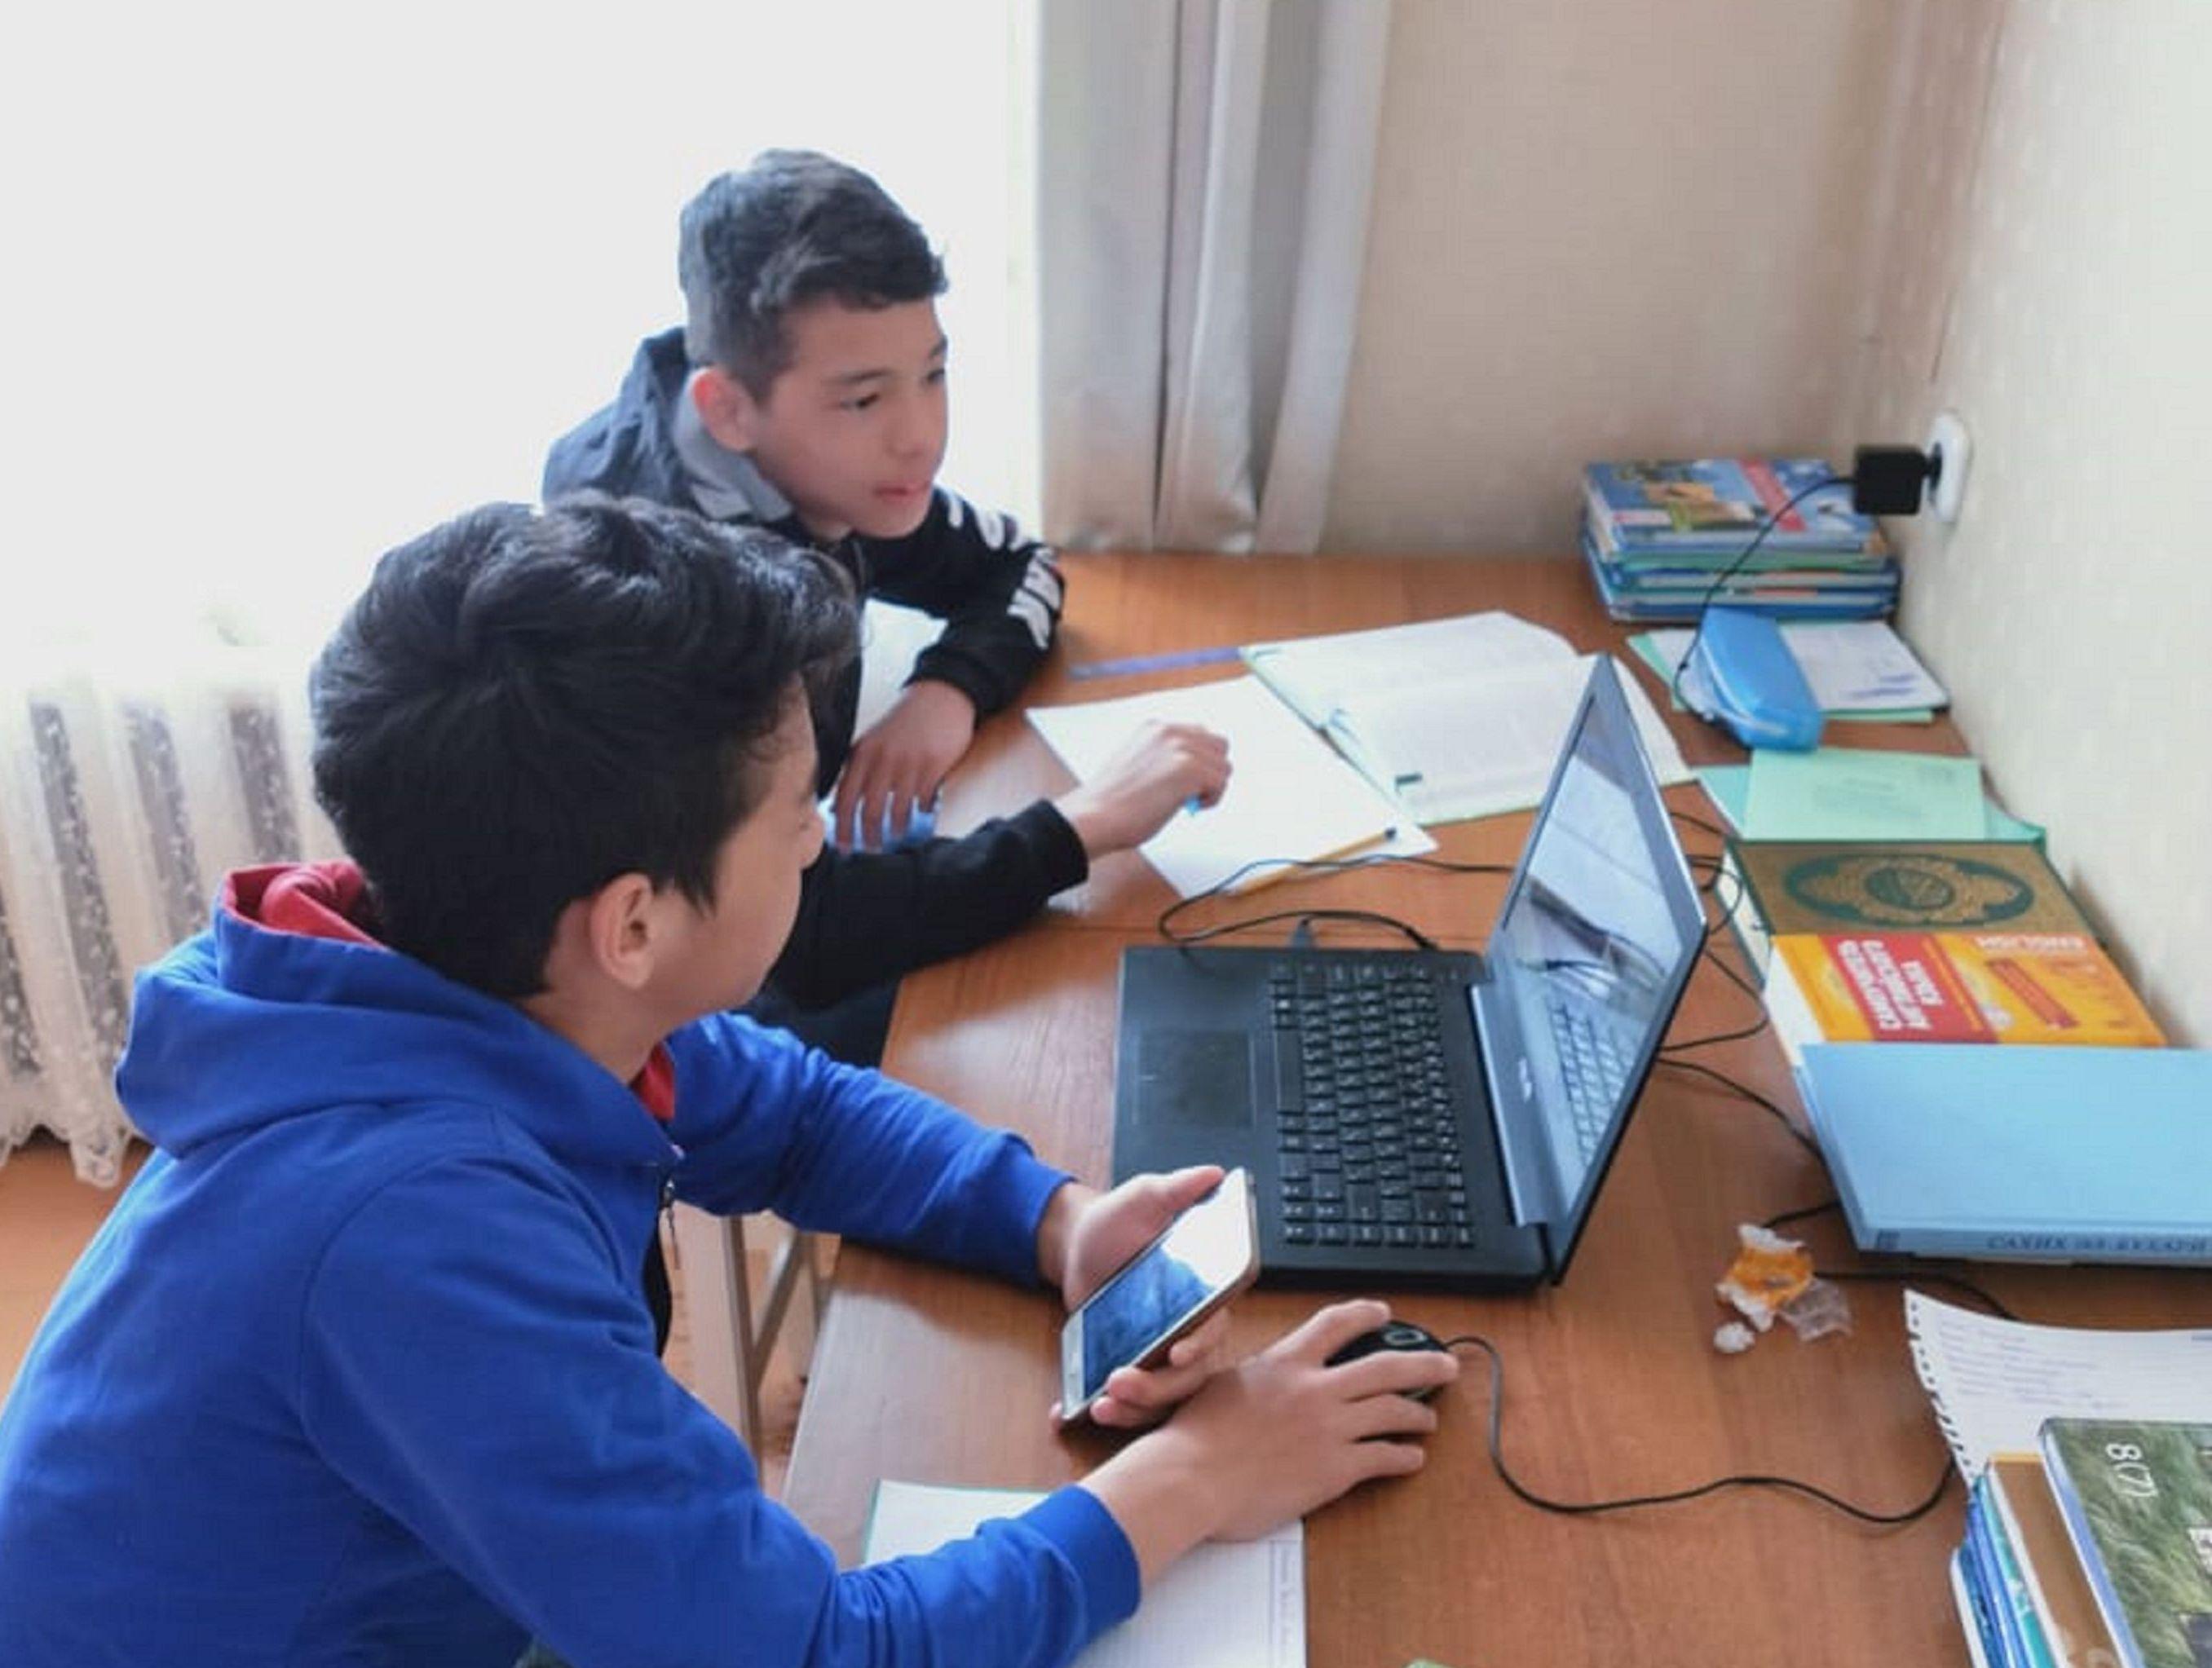 Дисциплина и взаимовыручка помогают детям в карантин учиться дистанционно